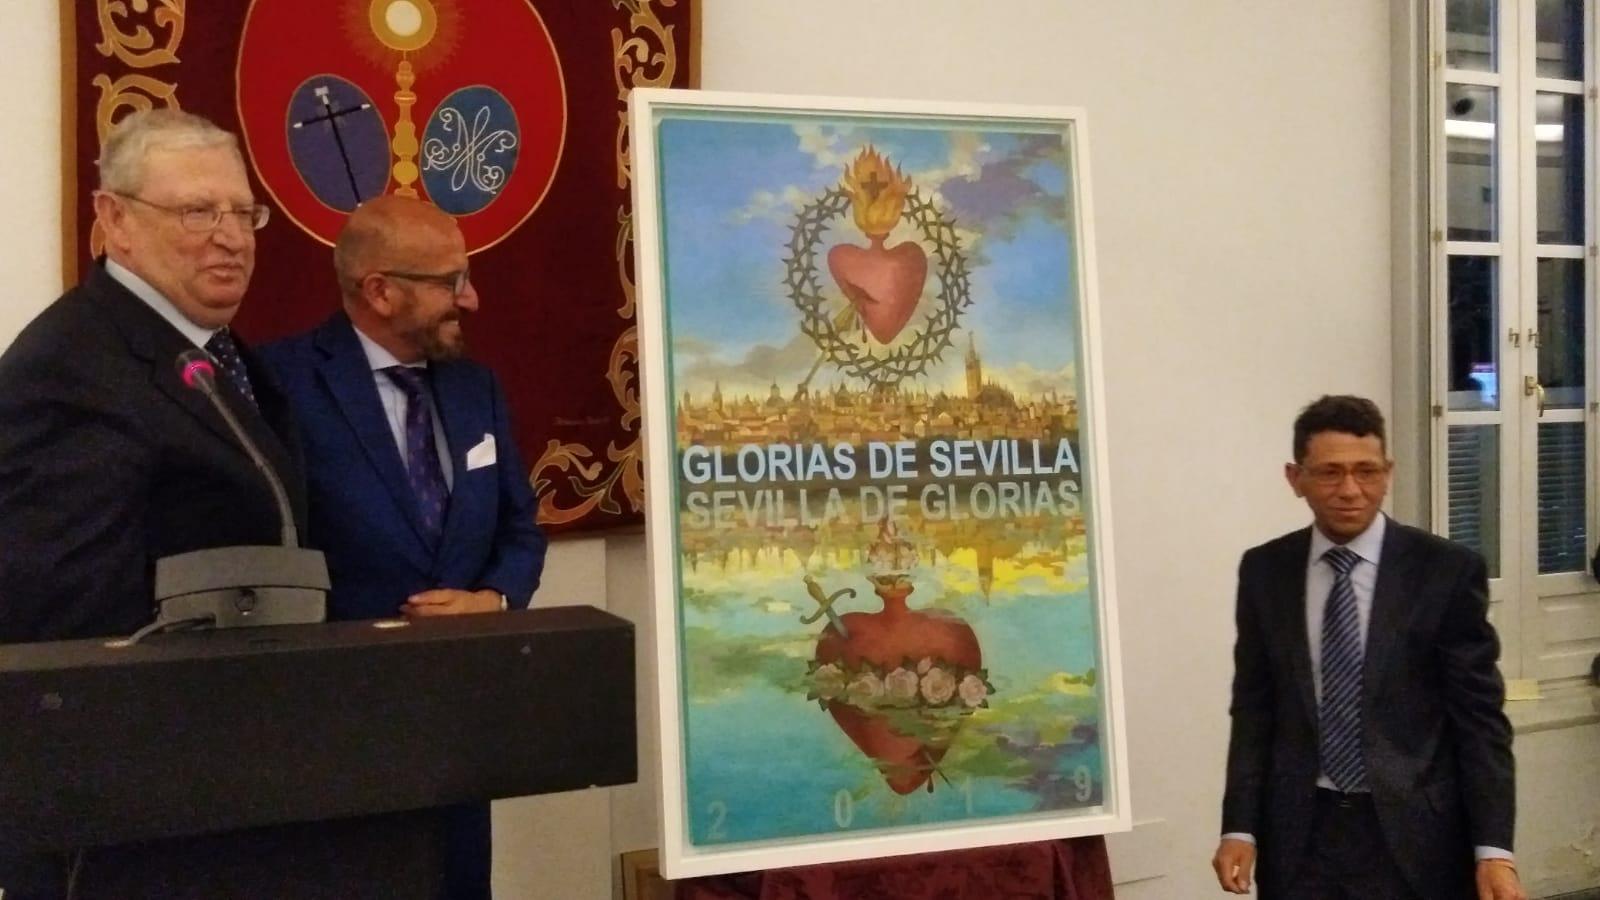 El cartel de las Glorias de Sevilla está hecho con el corazón